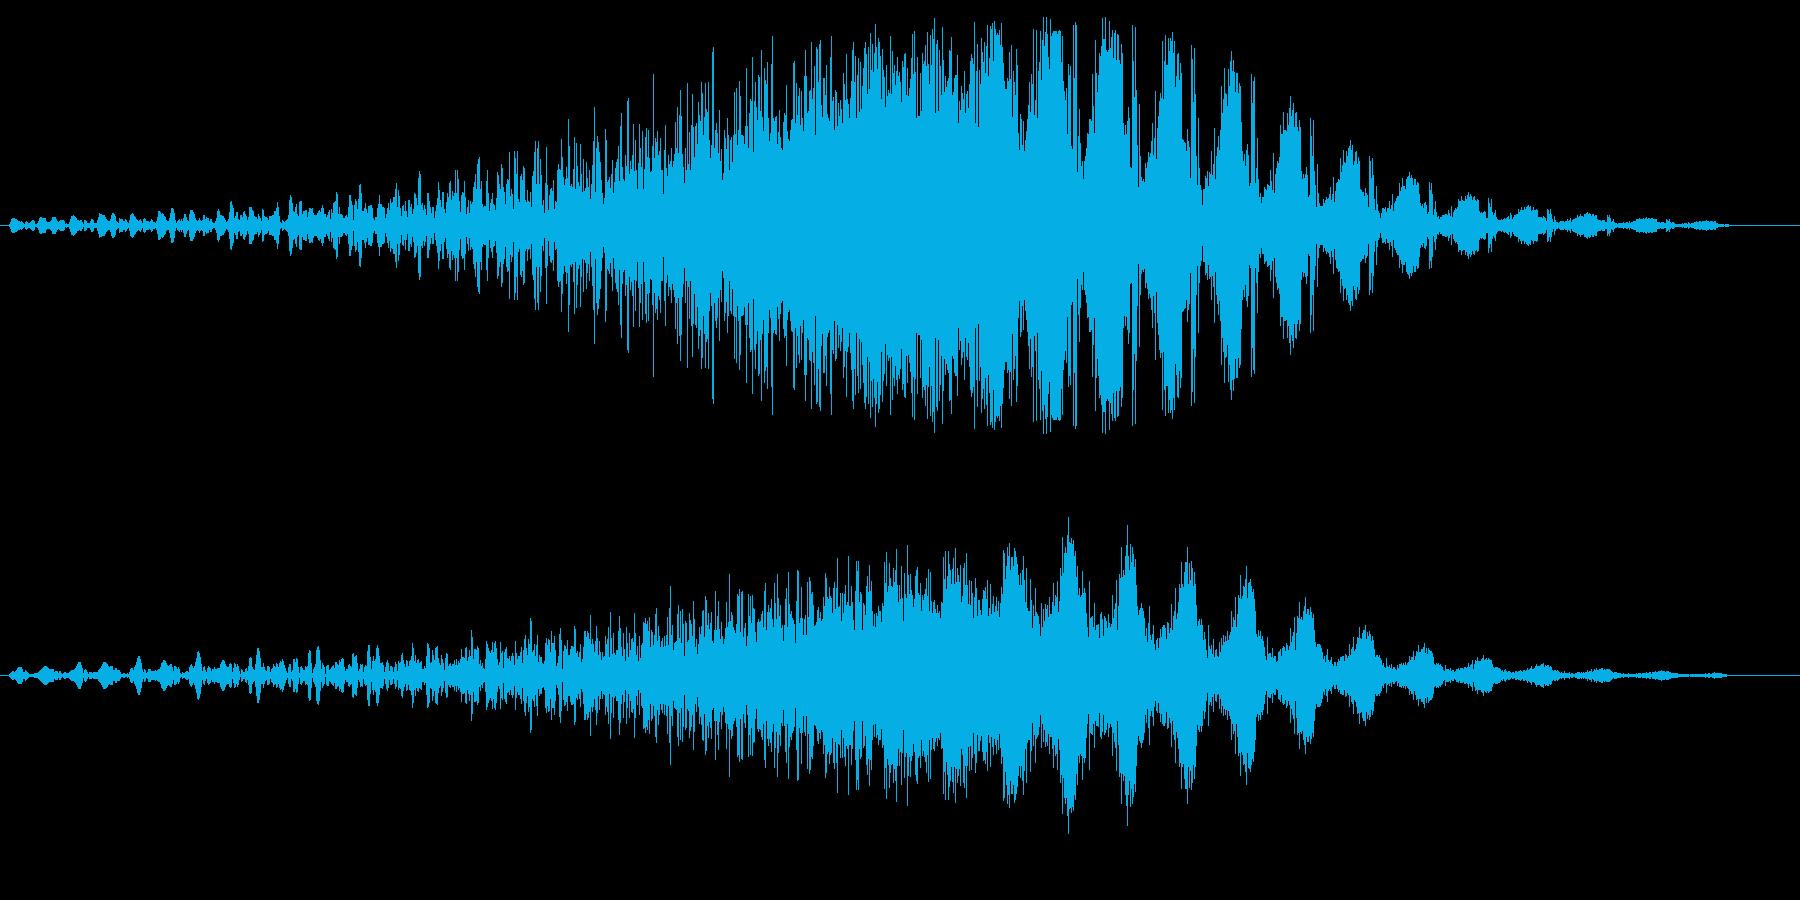 スピード感のあるスライド音の再生済みの波形